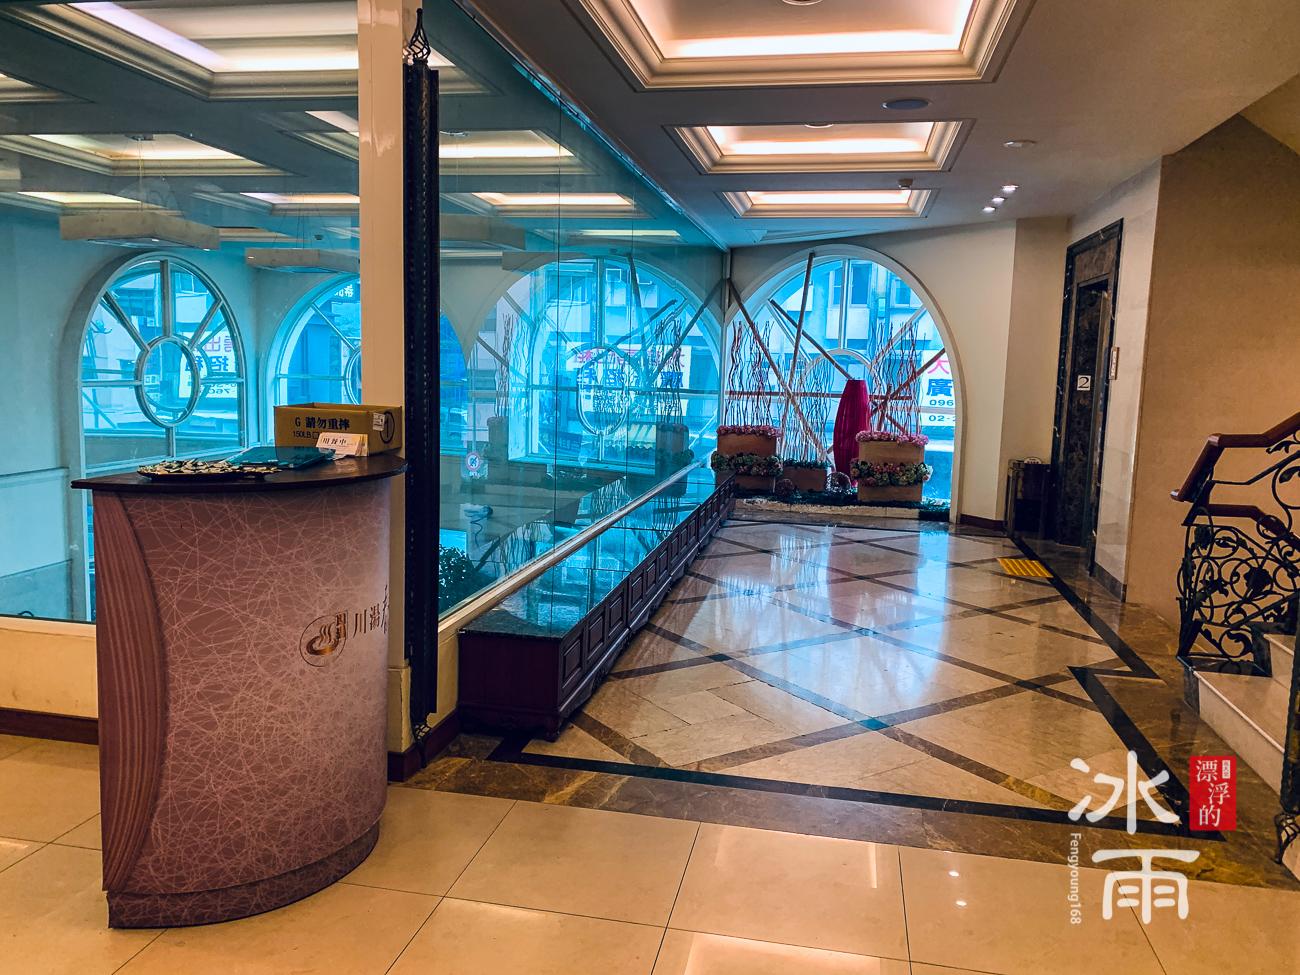 川湯春天溫泉飯店德陽館|早餐廳